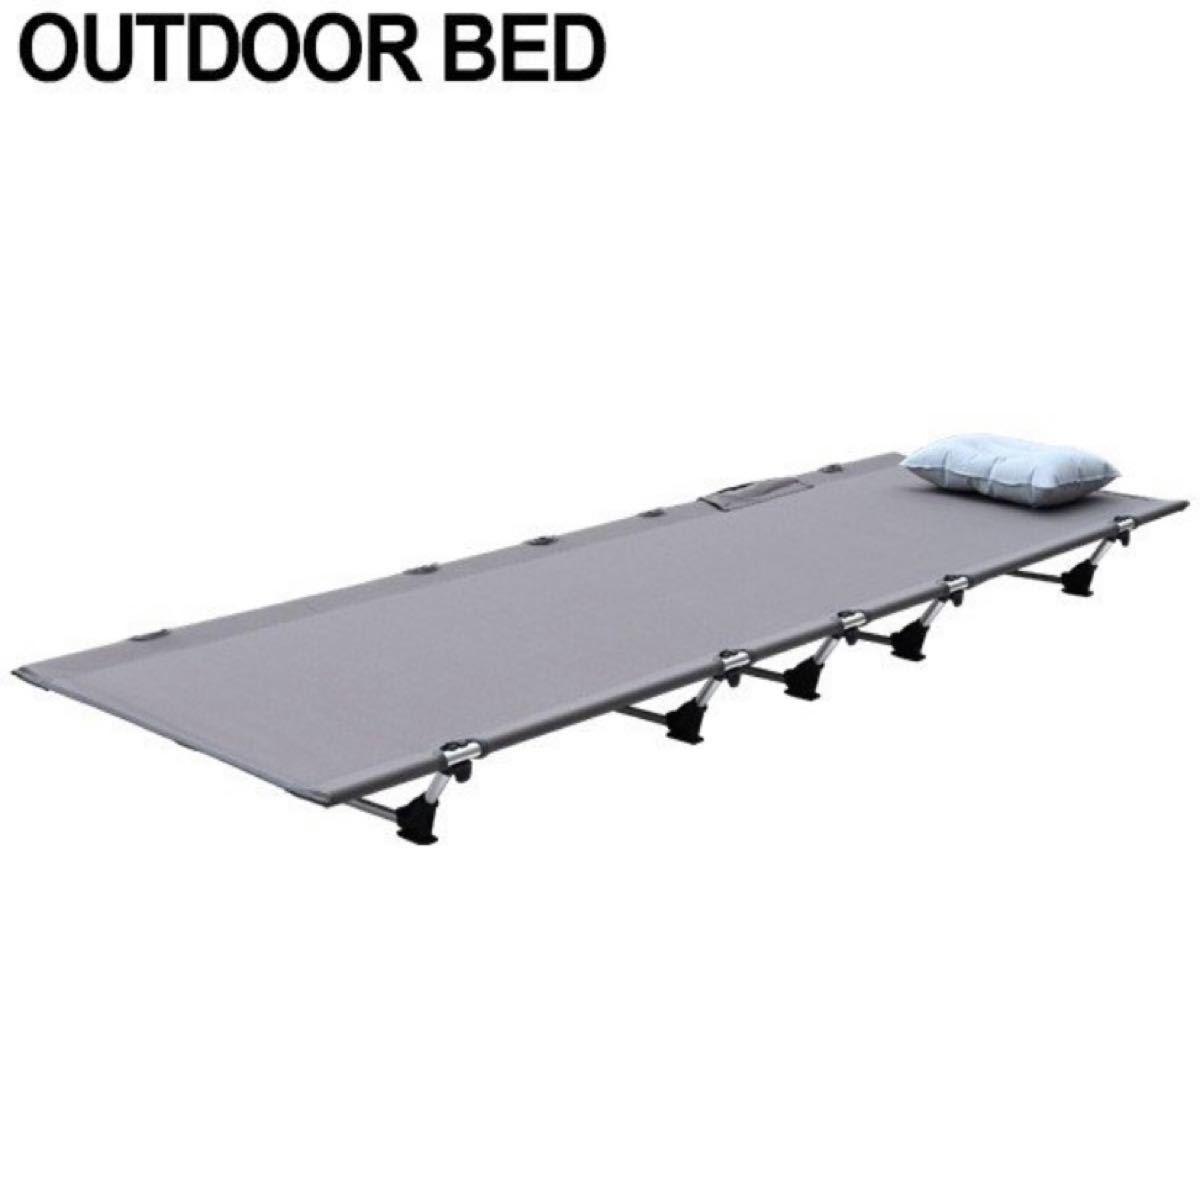 【値下げしました】コット ローコット アウトドアベッド キャンプ 折りたたみ コンパクト 軽量 おすすめ